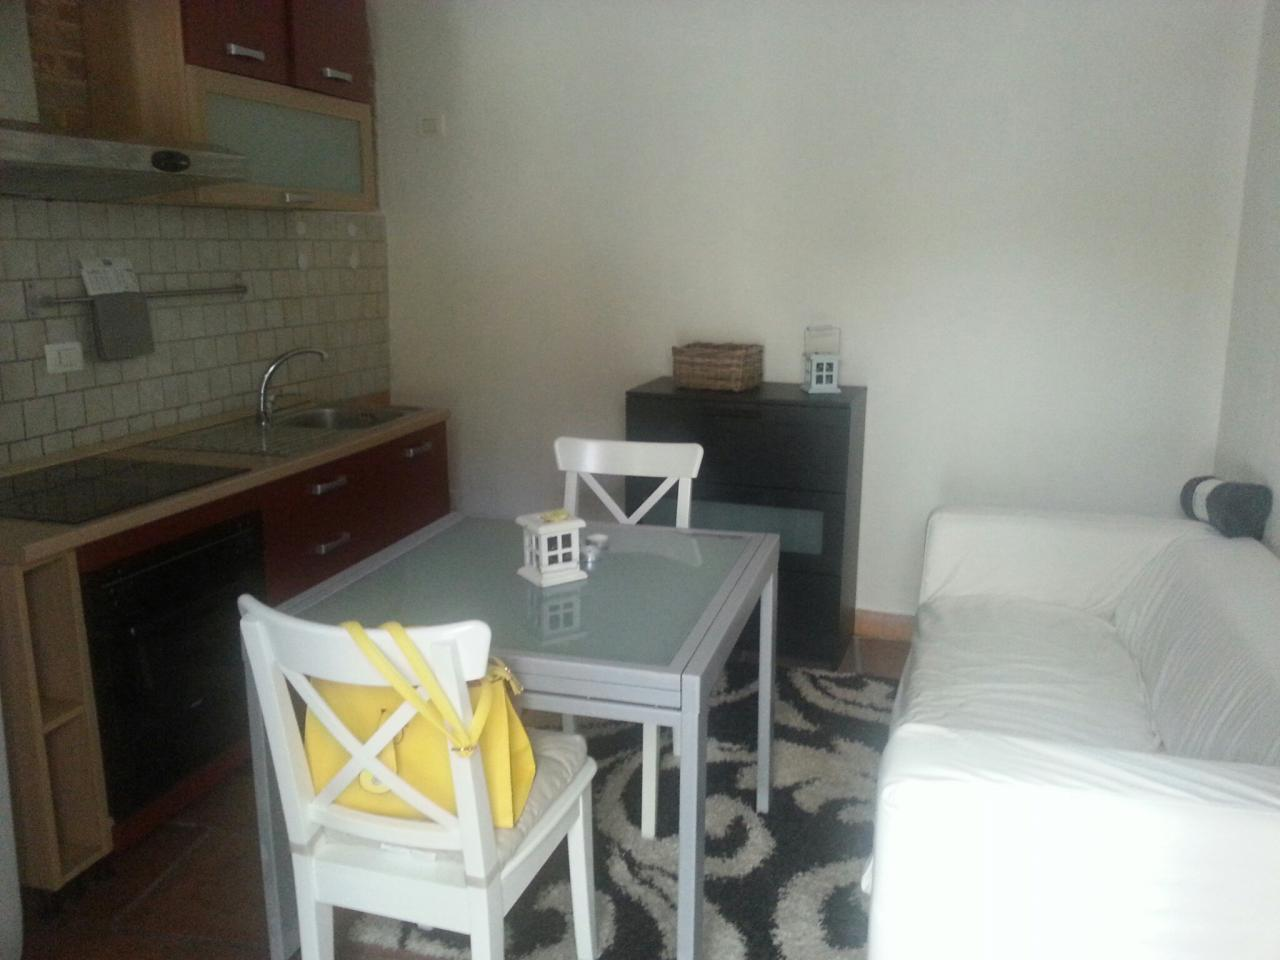 Appartamento in affitto a Casale Monferrato, 2 locali, prezzo € 300 | Cambio Casa.it